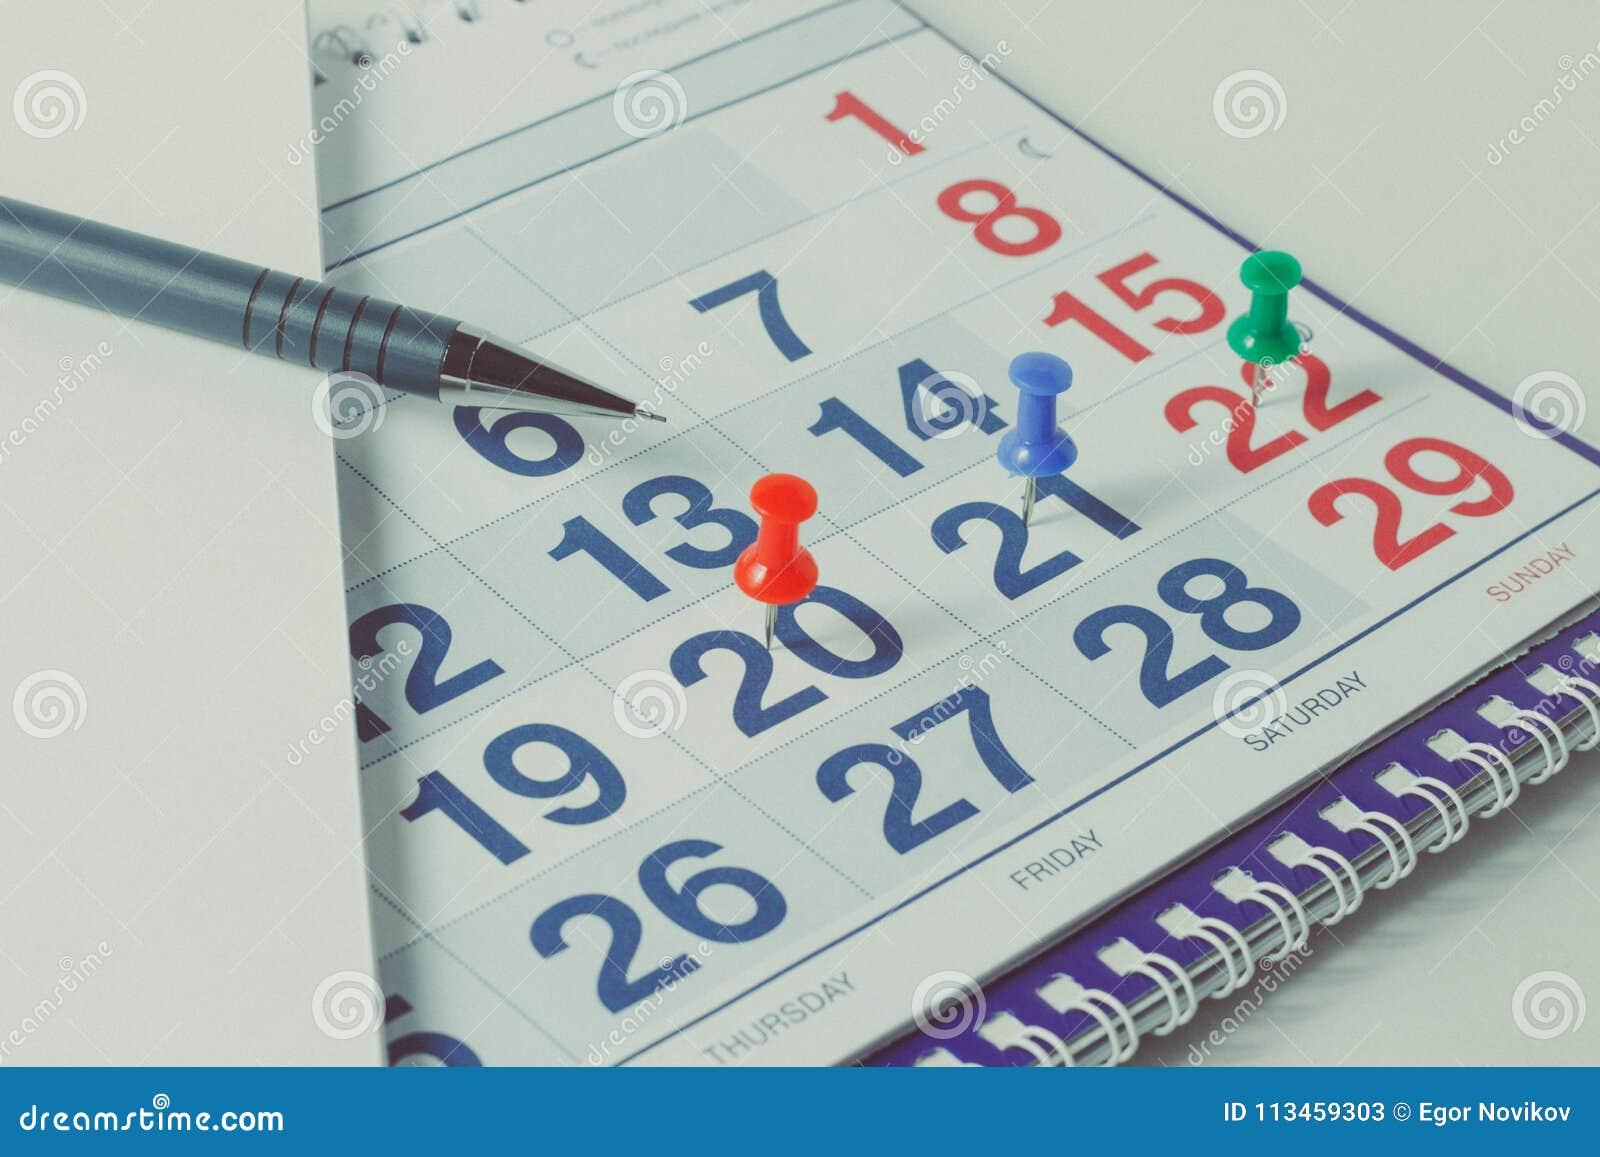 Wandkalender und Stift, wichtige Tage werden mit knops markiert